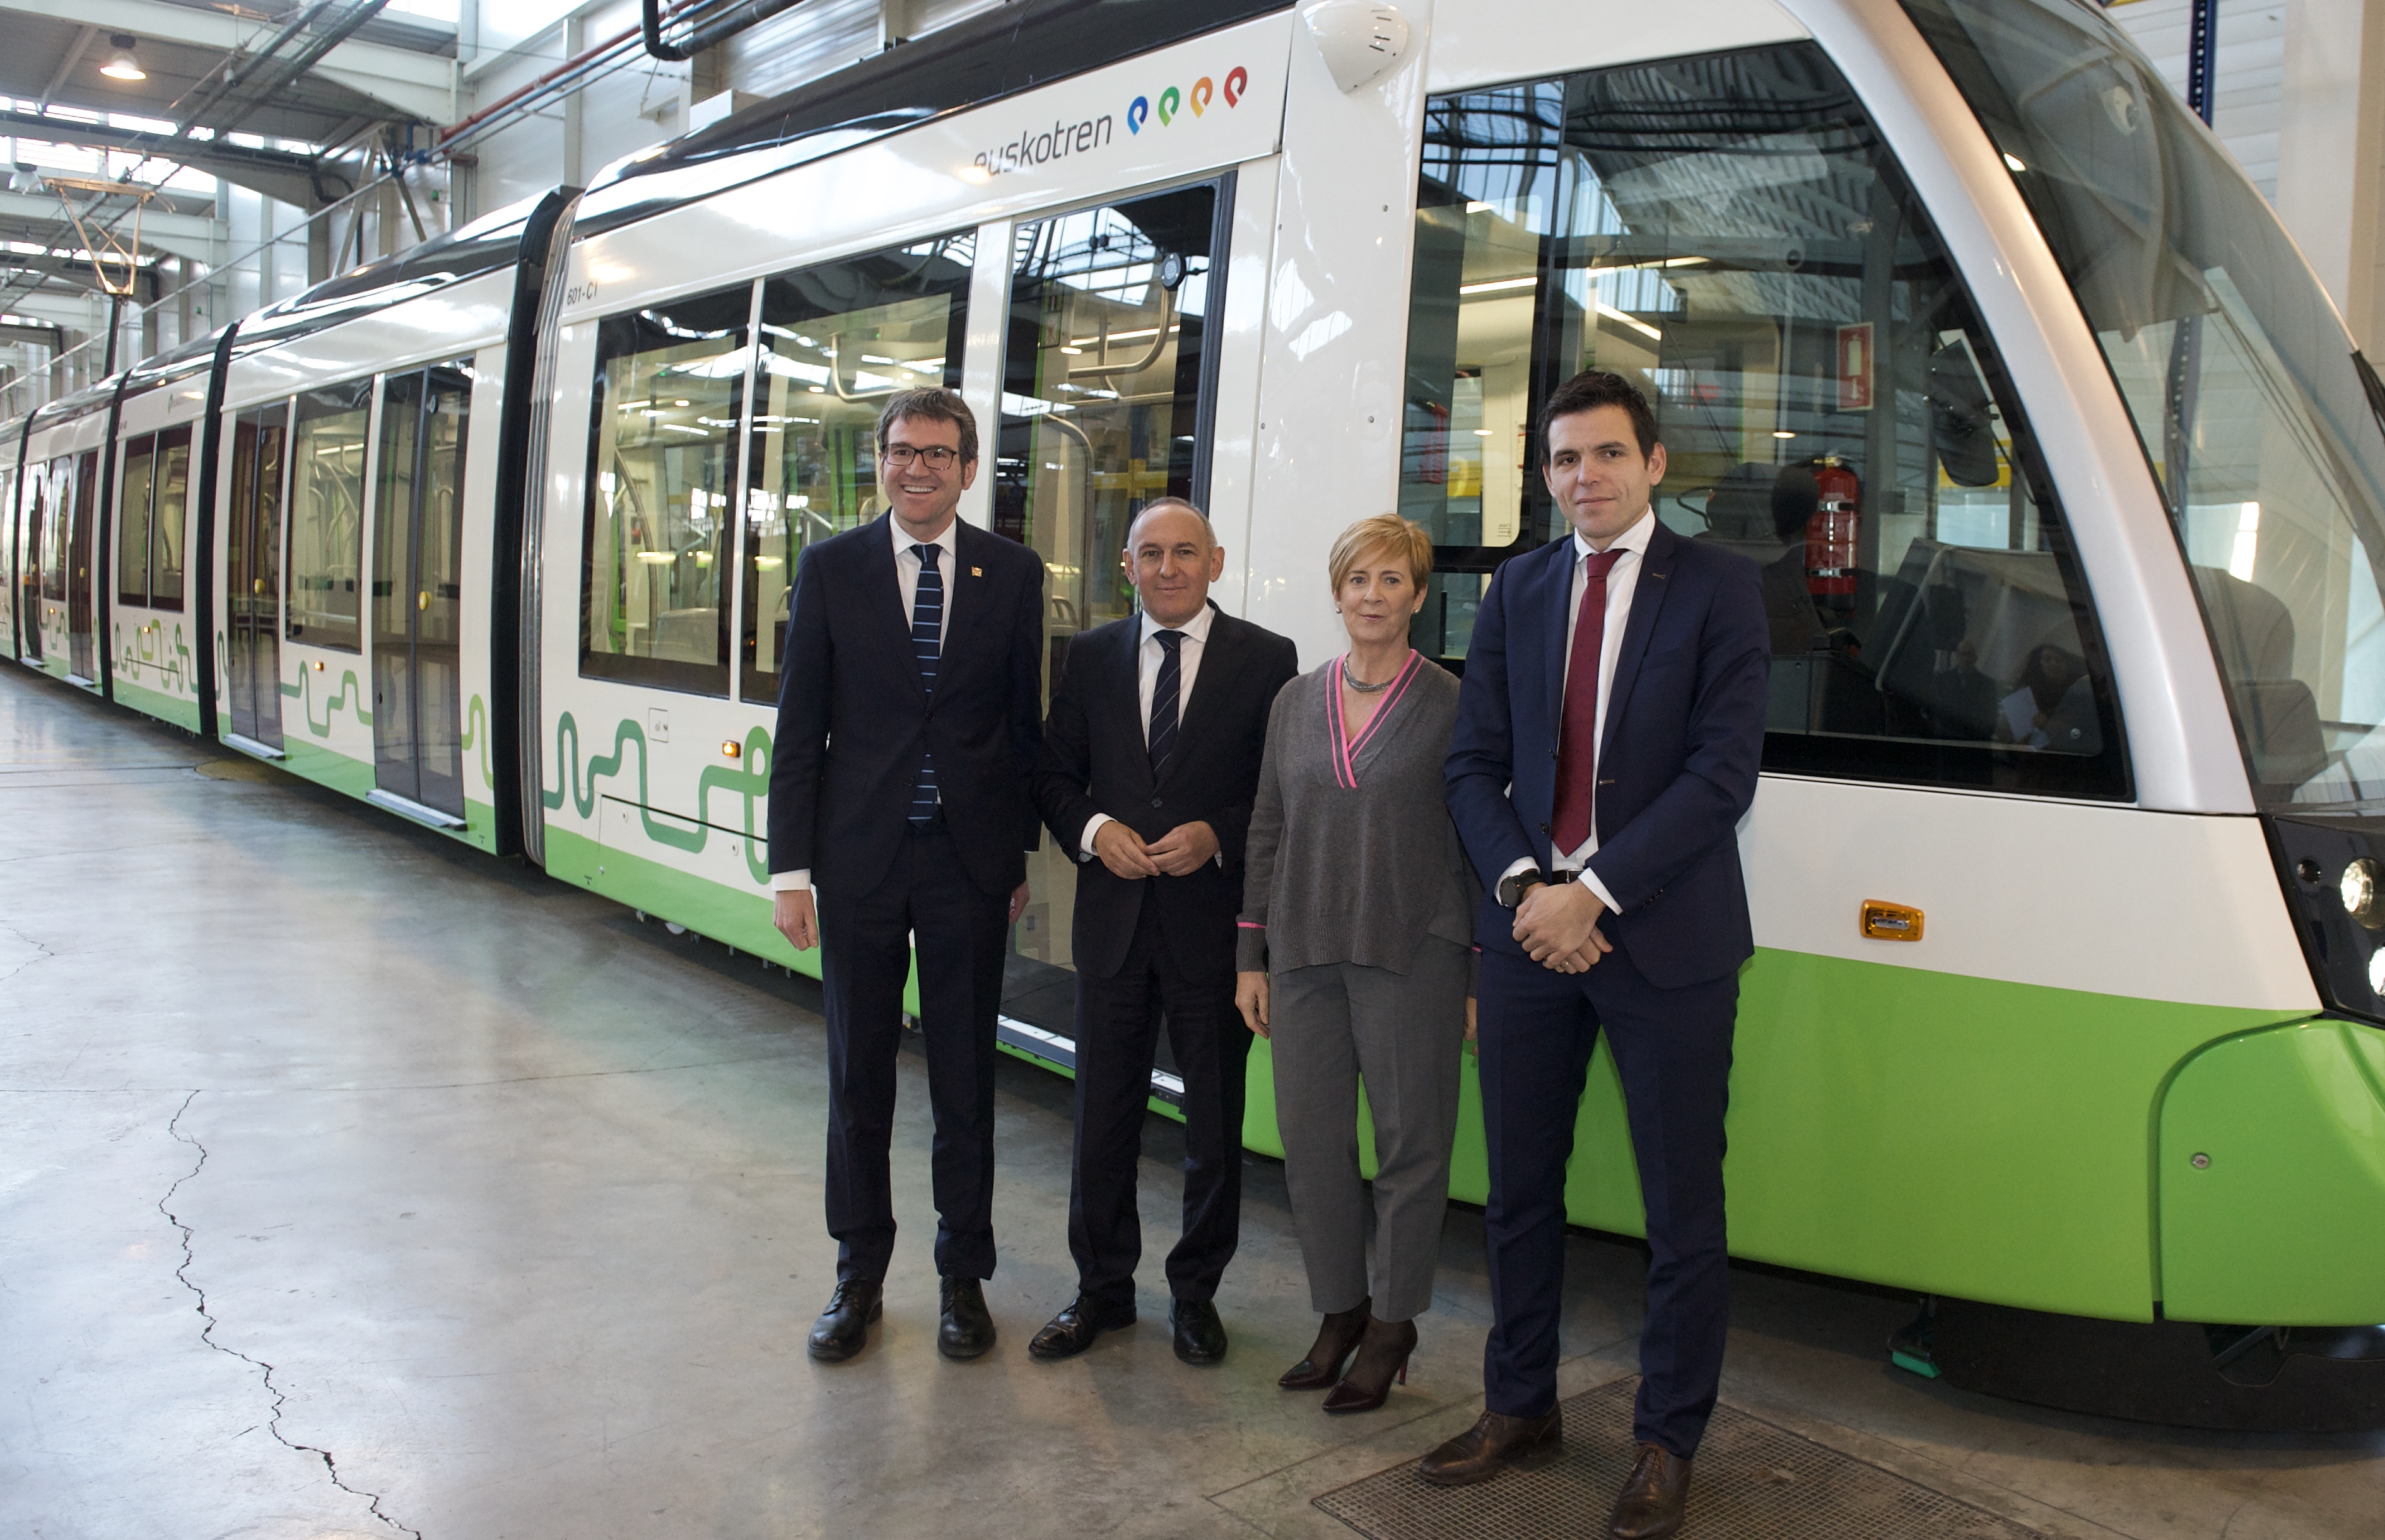 """Euskotren presenta la primera unidad de los nuevos tranvías """"extralargos"""" de Vitoria-Gasteiz"""